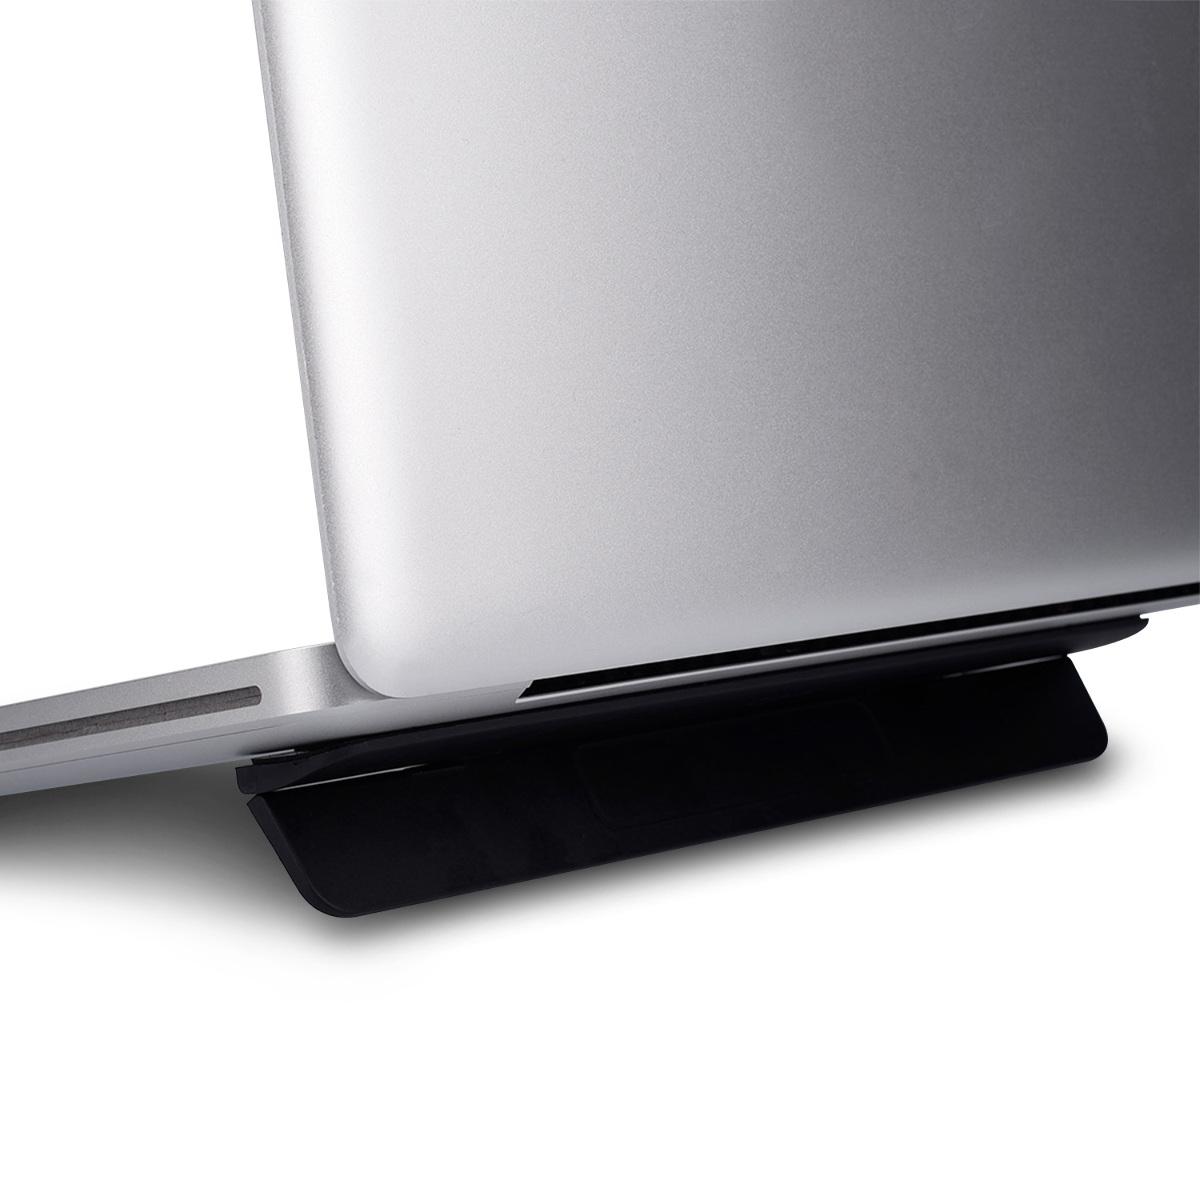 patients macbook pro retina 15 desk stands among